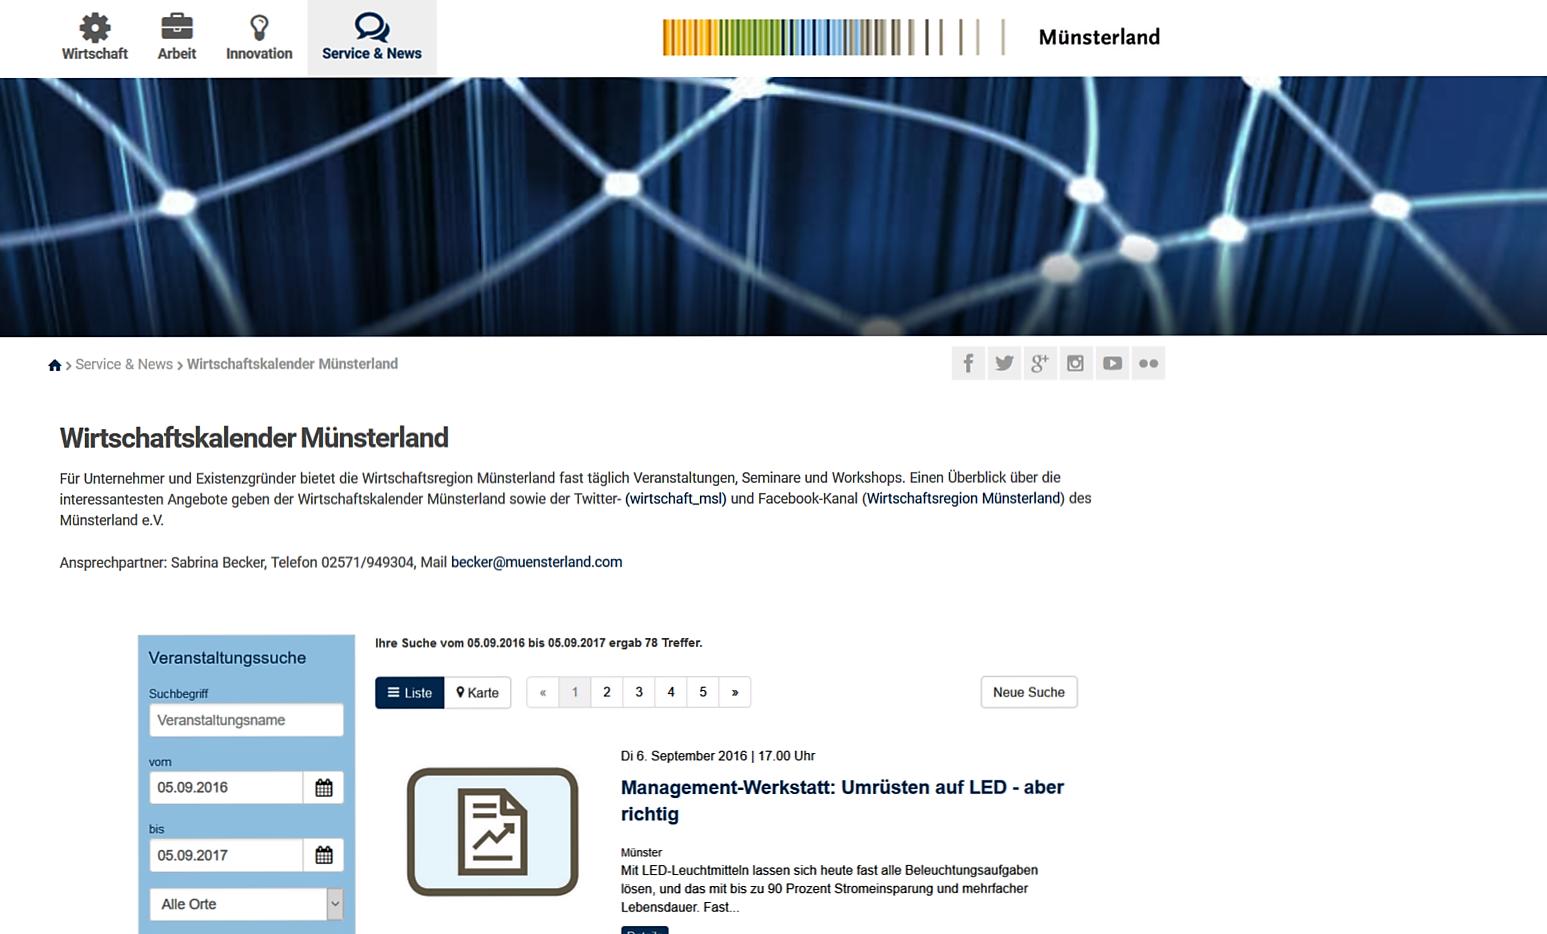 Wirtschaftskalender Münsterland bündelt Veranstaltungen für Unternehmen und Existenzgründer